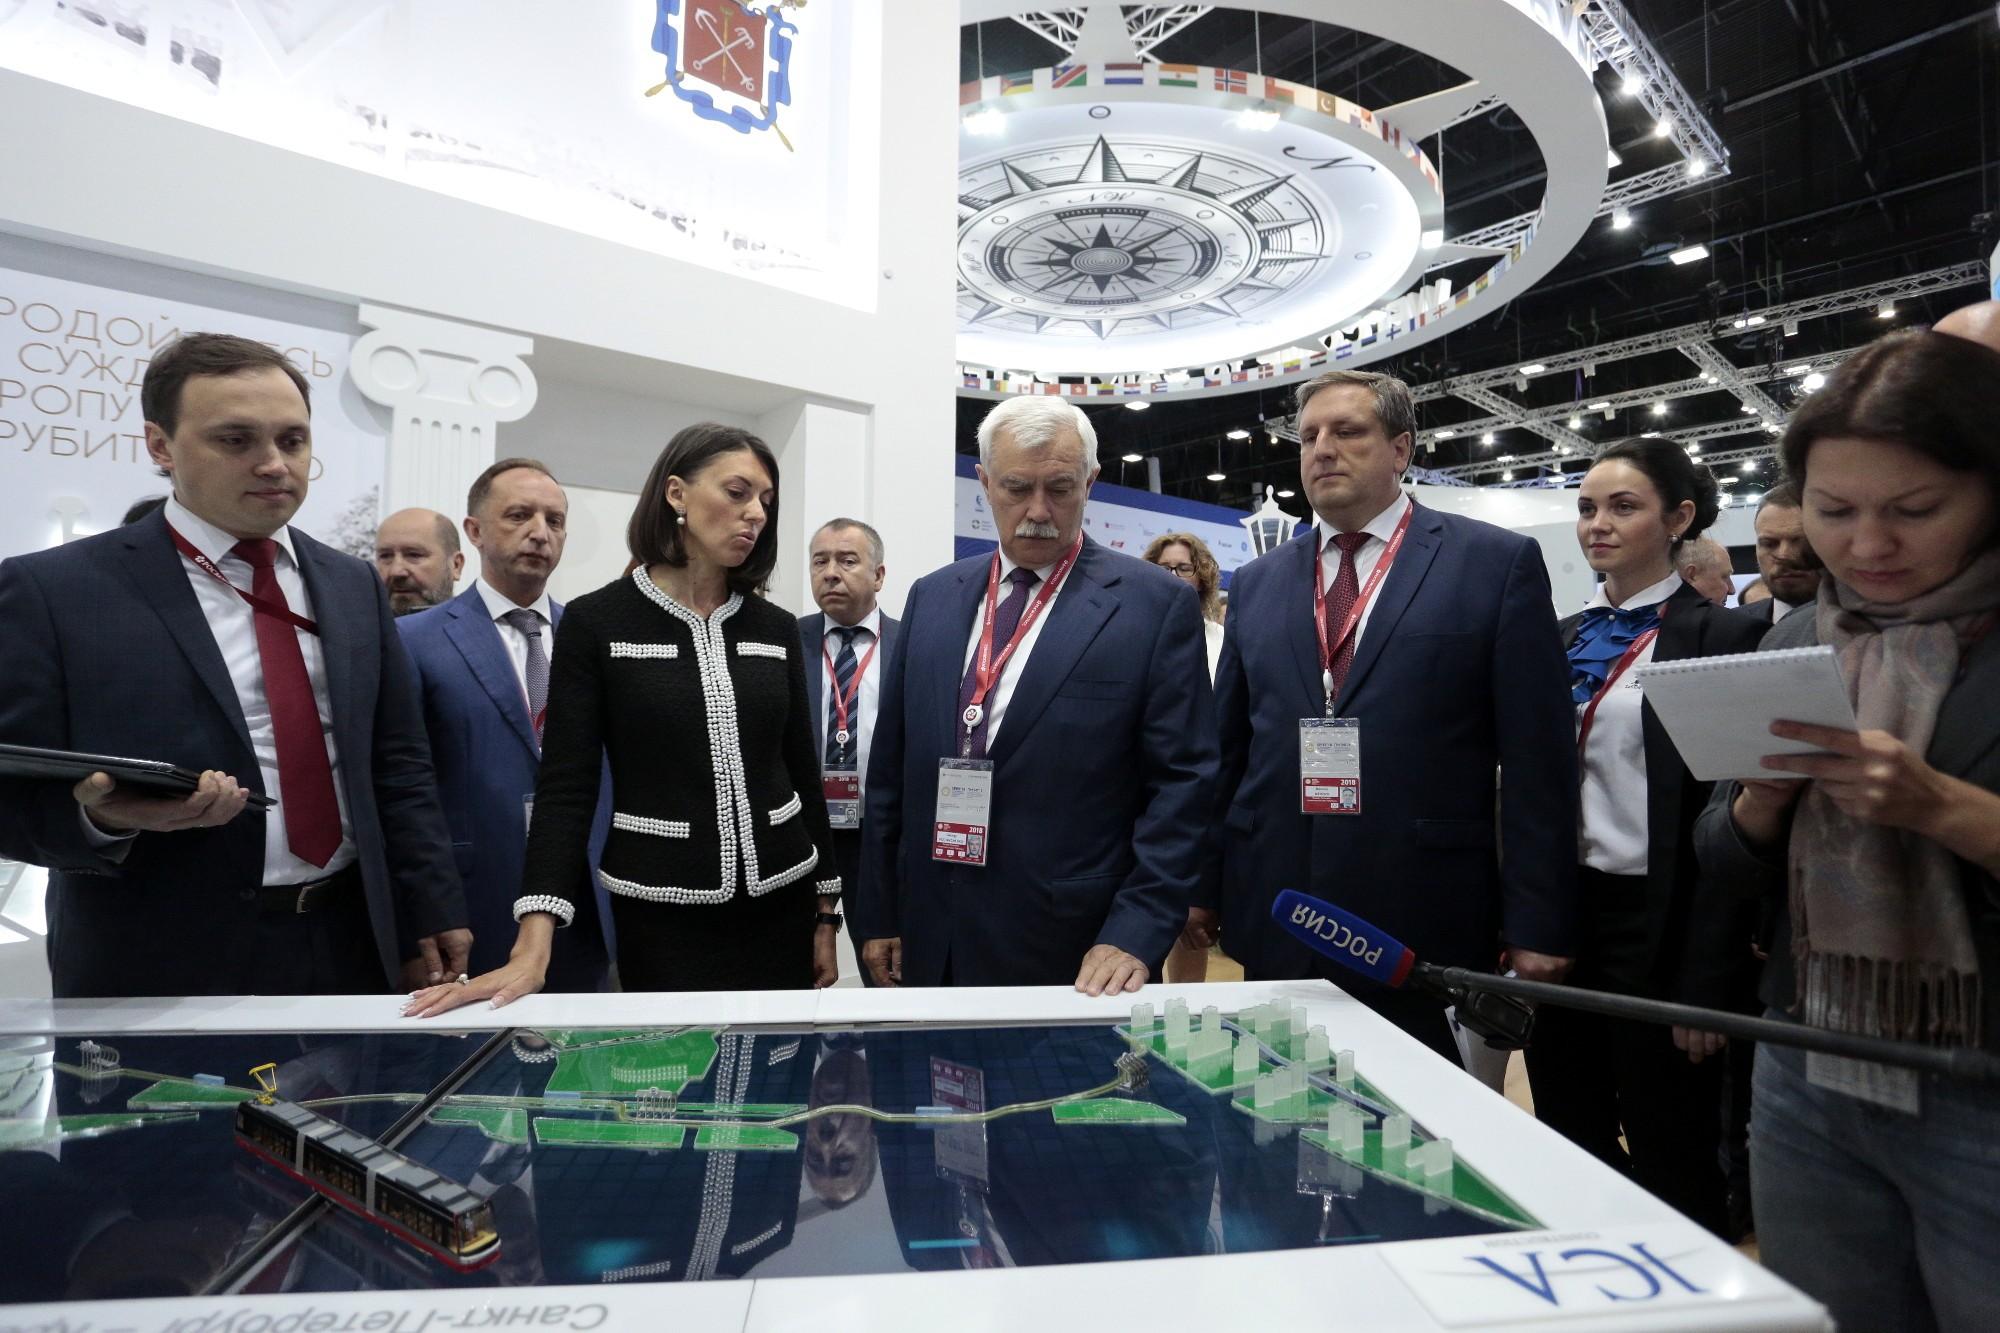 В Петербурге построят развлекательные парки, новый порт и реконструируют СКК